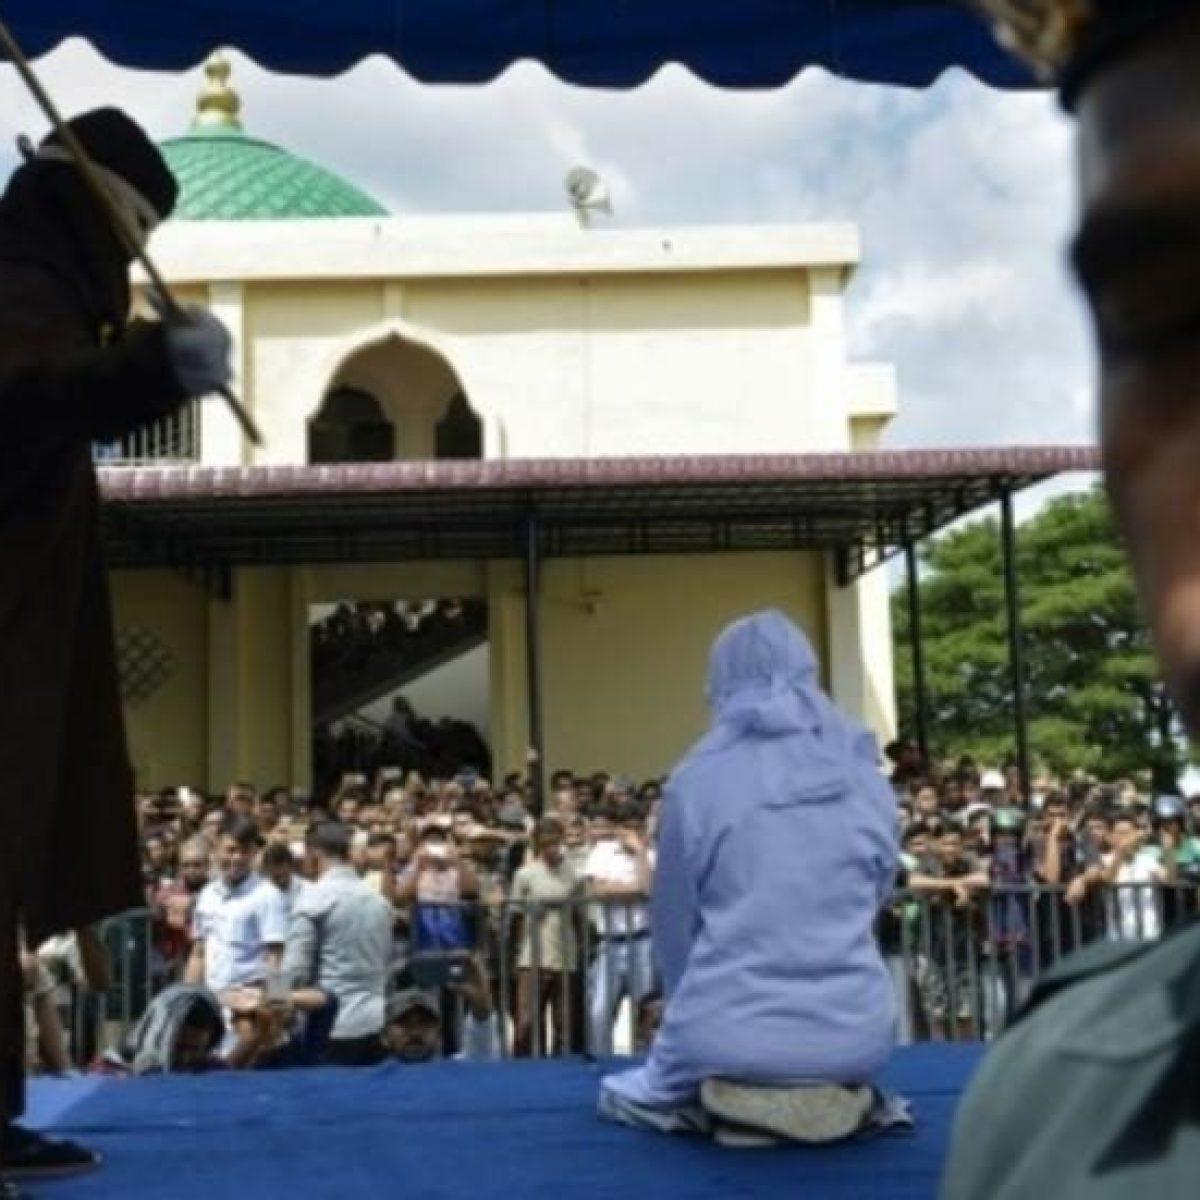 Ha rapporti prima del matrimonio: condannato a 100 frustate, sviene durante la punizione